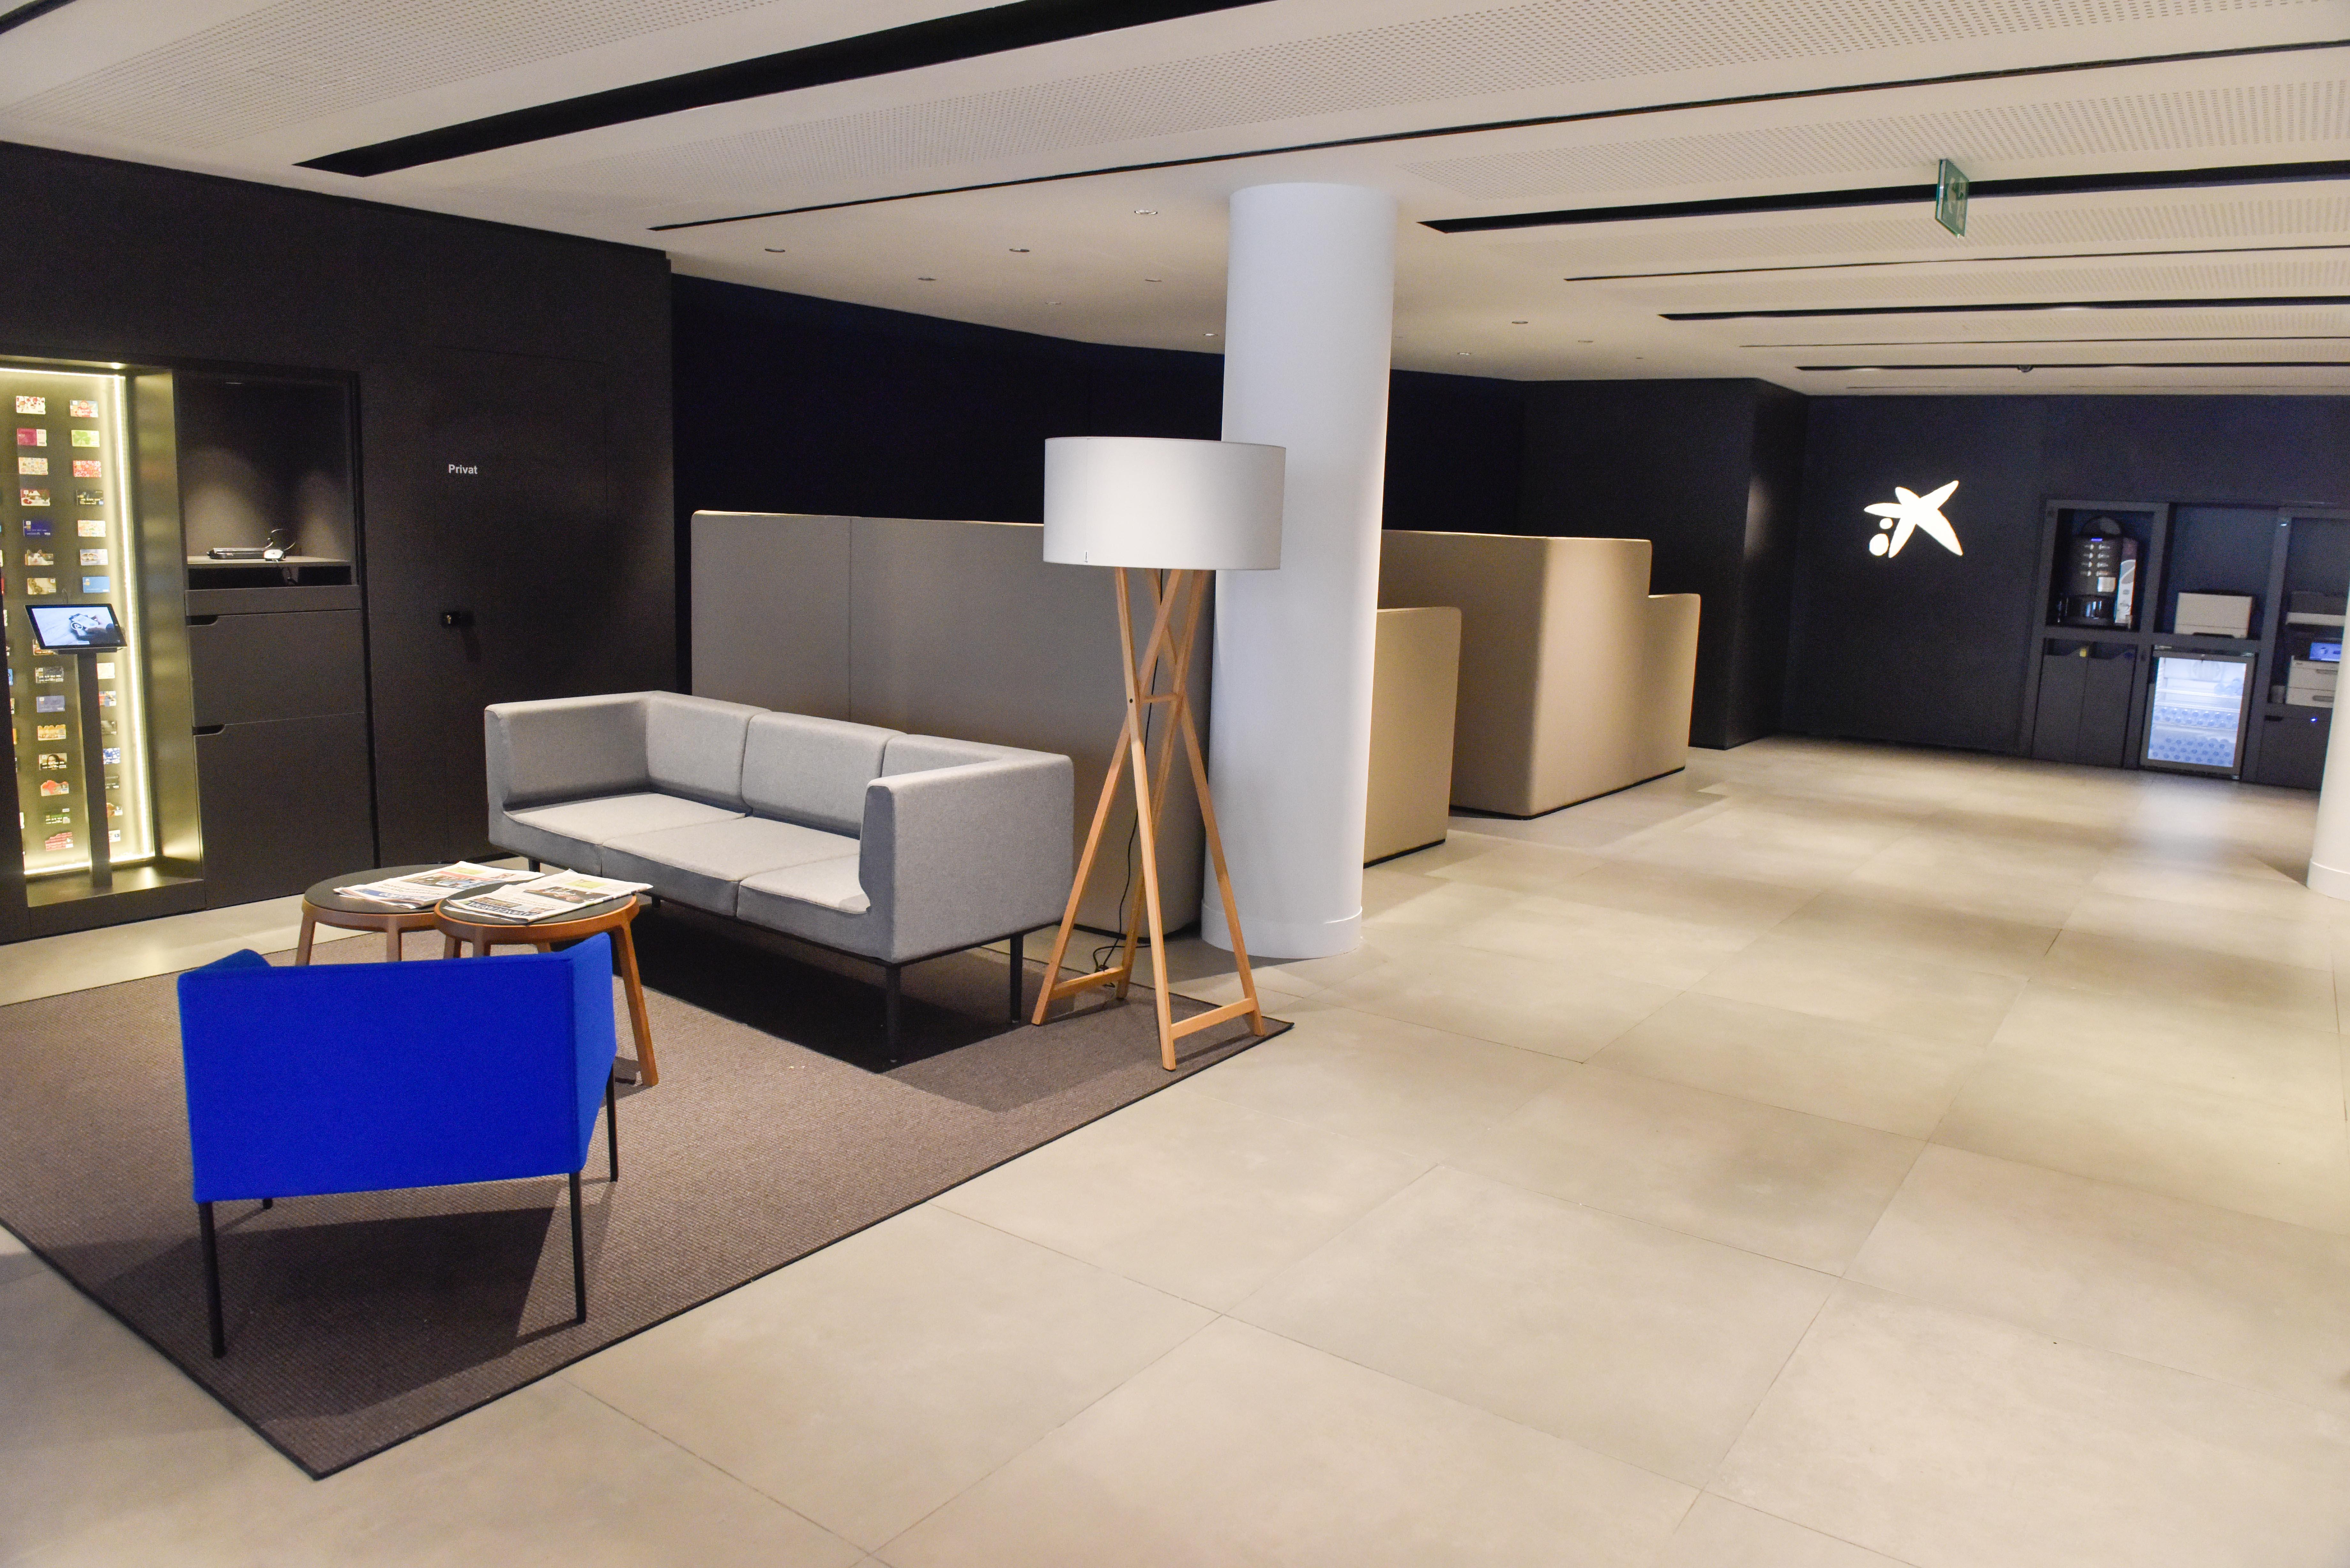 Caixabank abre en martorell una oficina de su nuevo modelo for Oficinas la caixa zaragoza